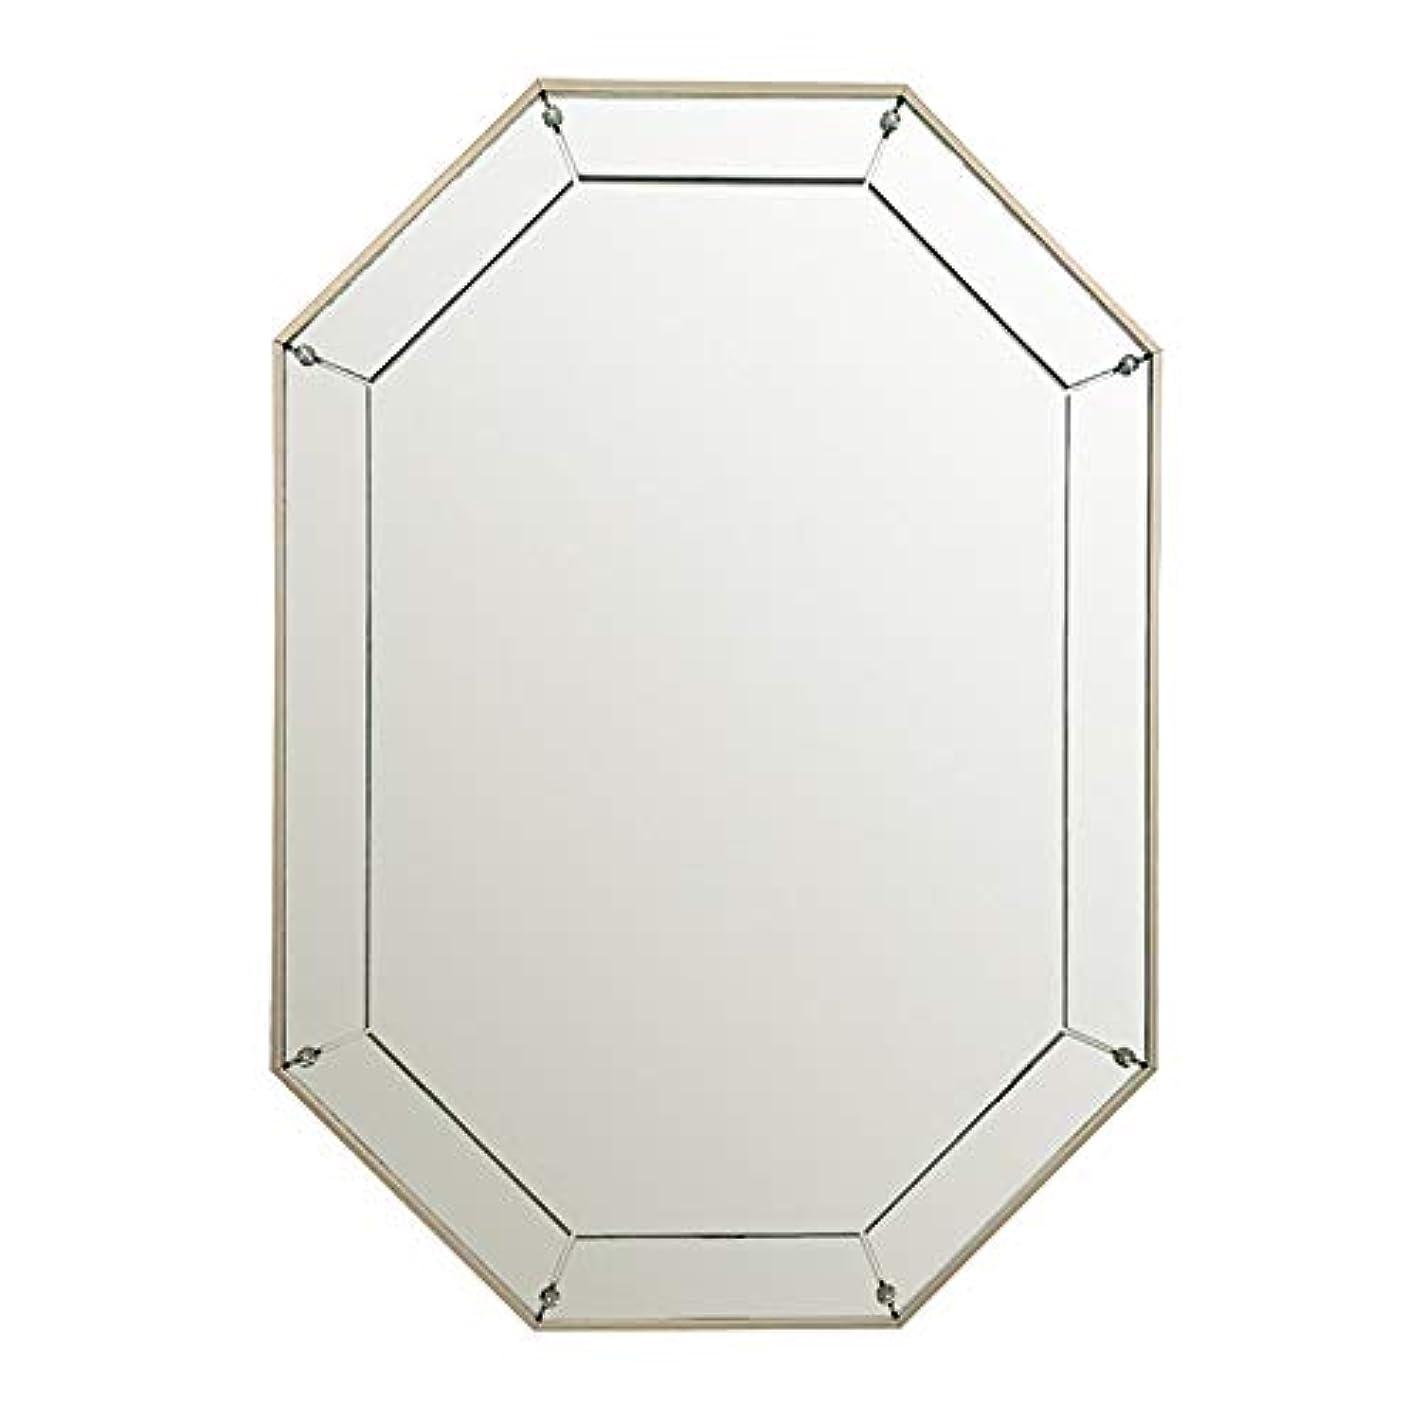 どれか第三魅力的ウォールマウントメイクアップミラー、ノルディッククリエイティブオクタゴン起毛フレーム壁掛けミラードレッサーミラー装飾玄関リビングルームのバスルーム,銀